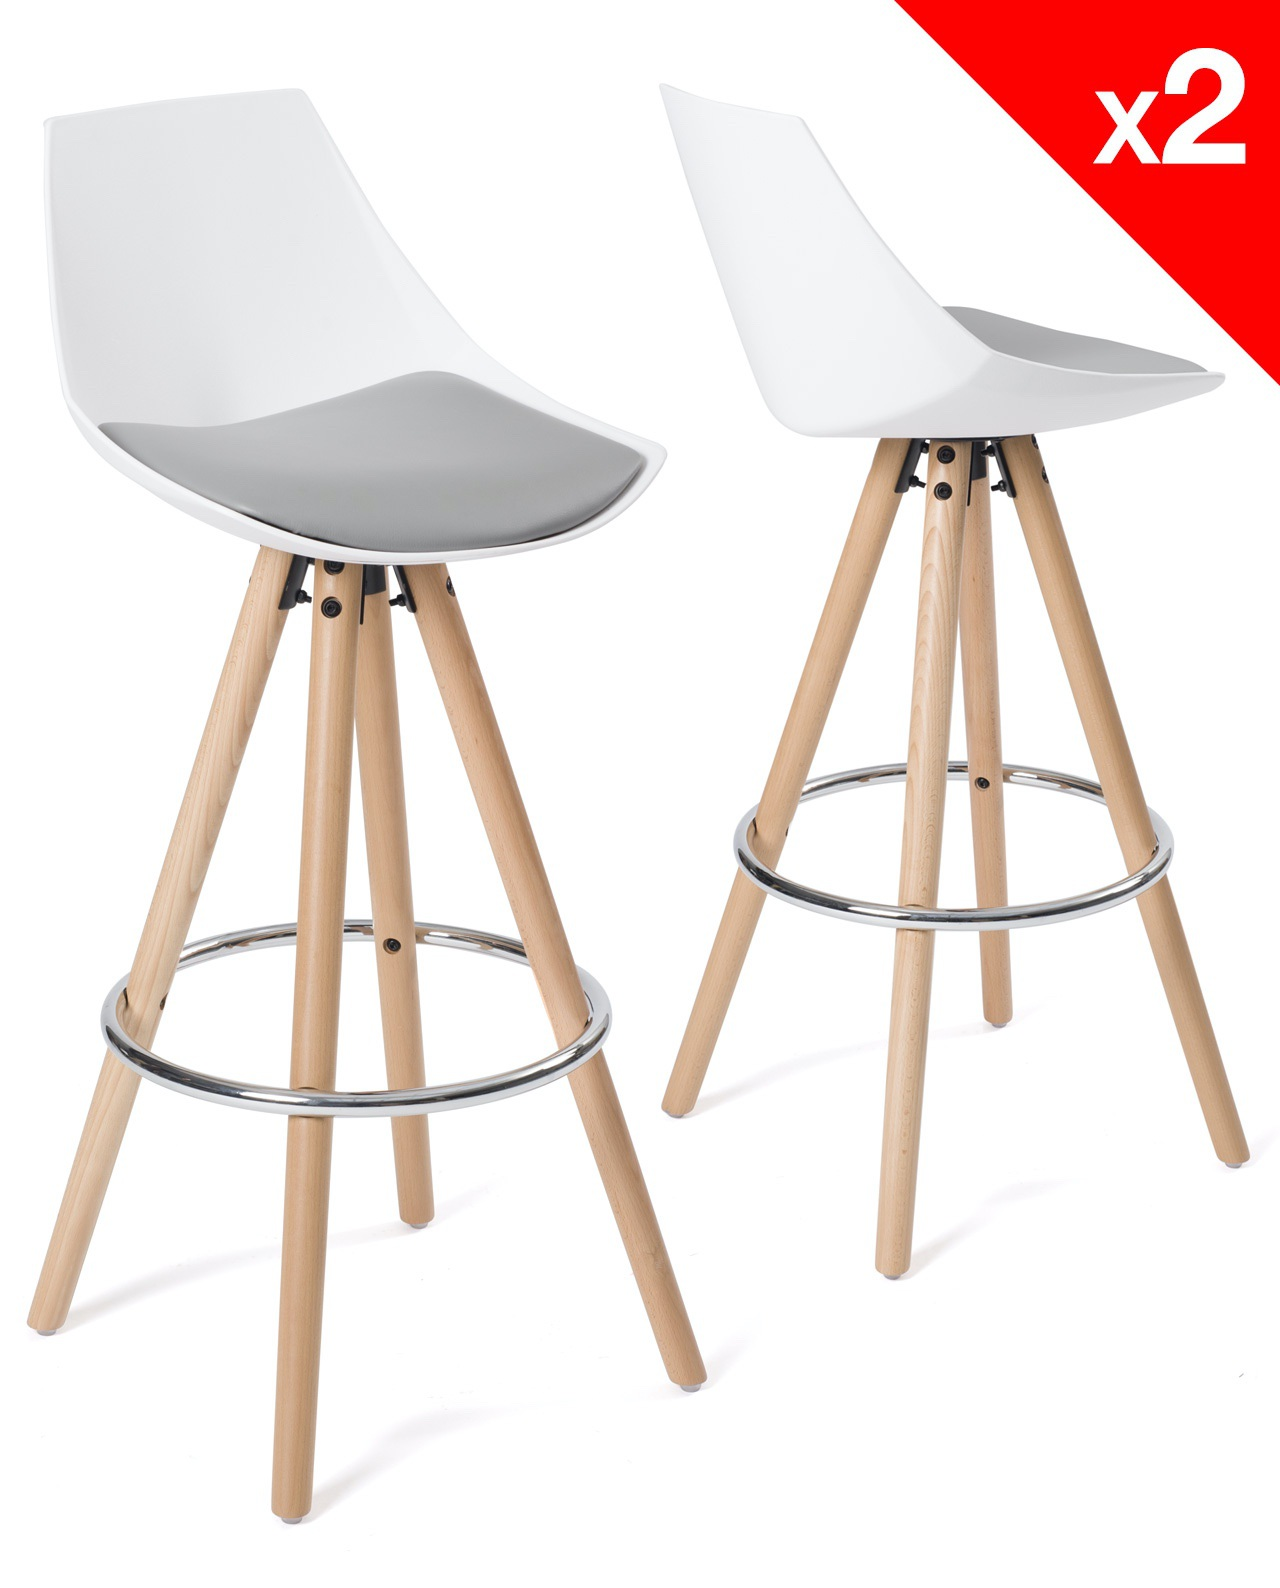 soto lot de 2 tabourets de bar design bois et coussin. Black Bedroom Furniture Sets. Home Design Ideas